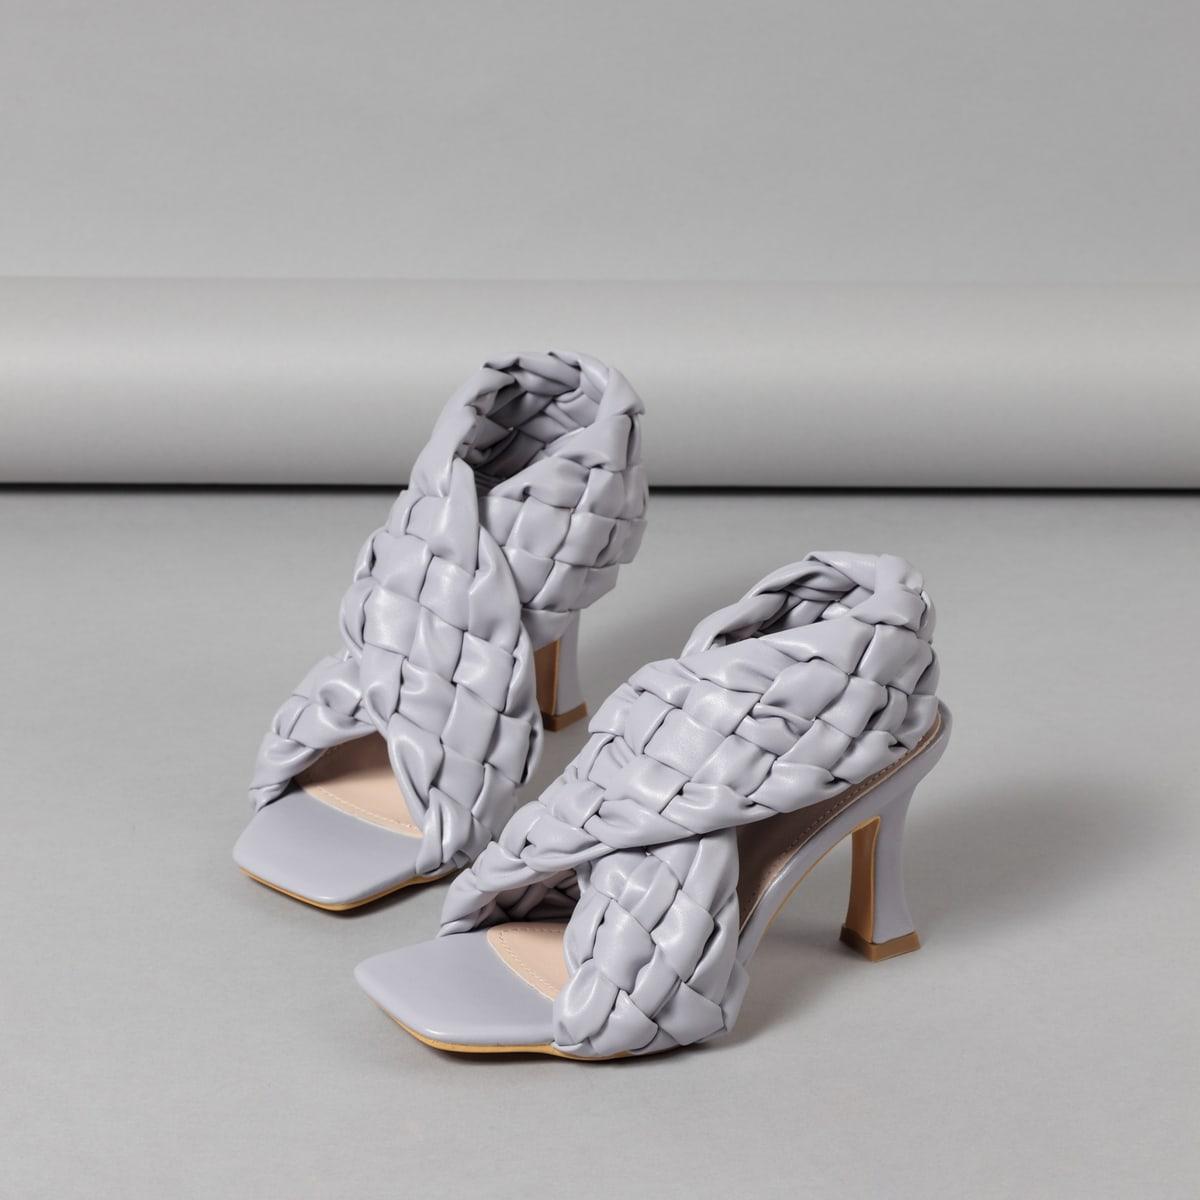 Плетеные сандалии на шпильках